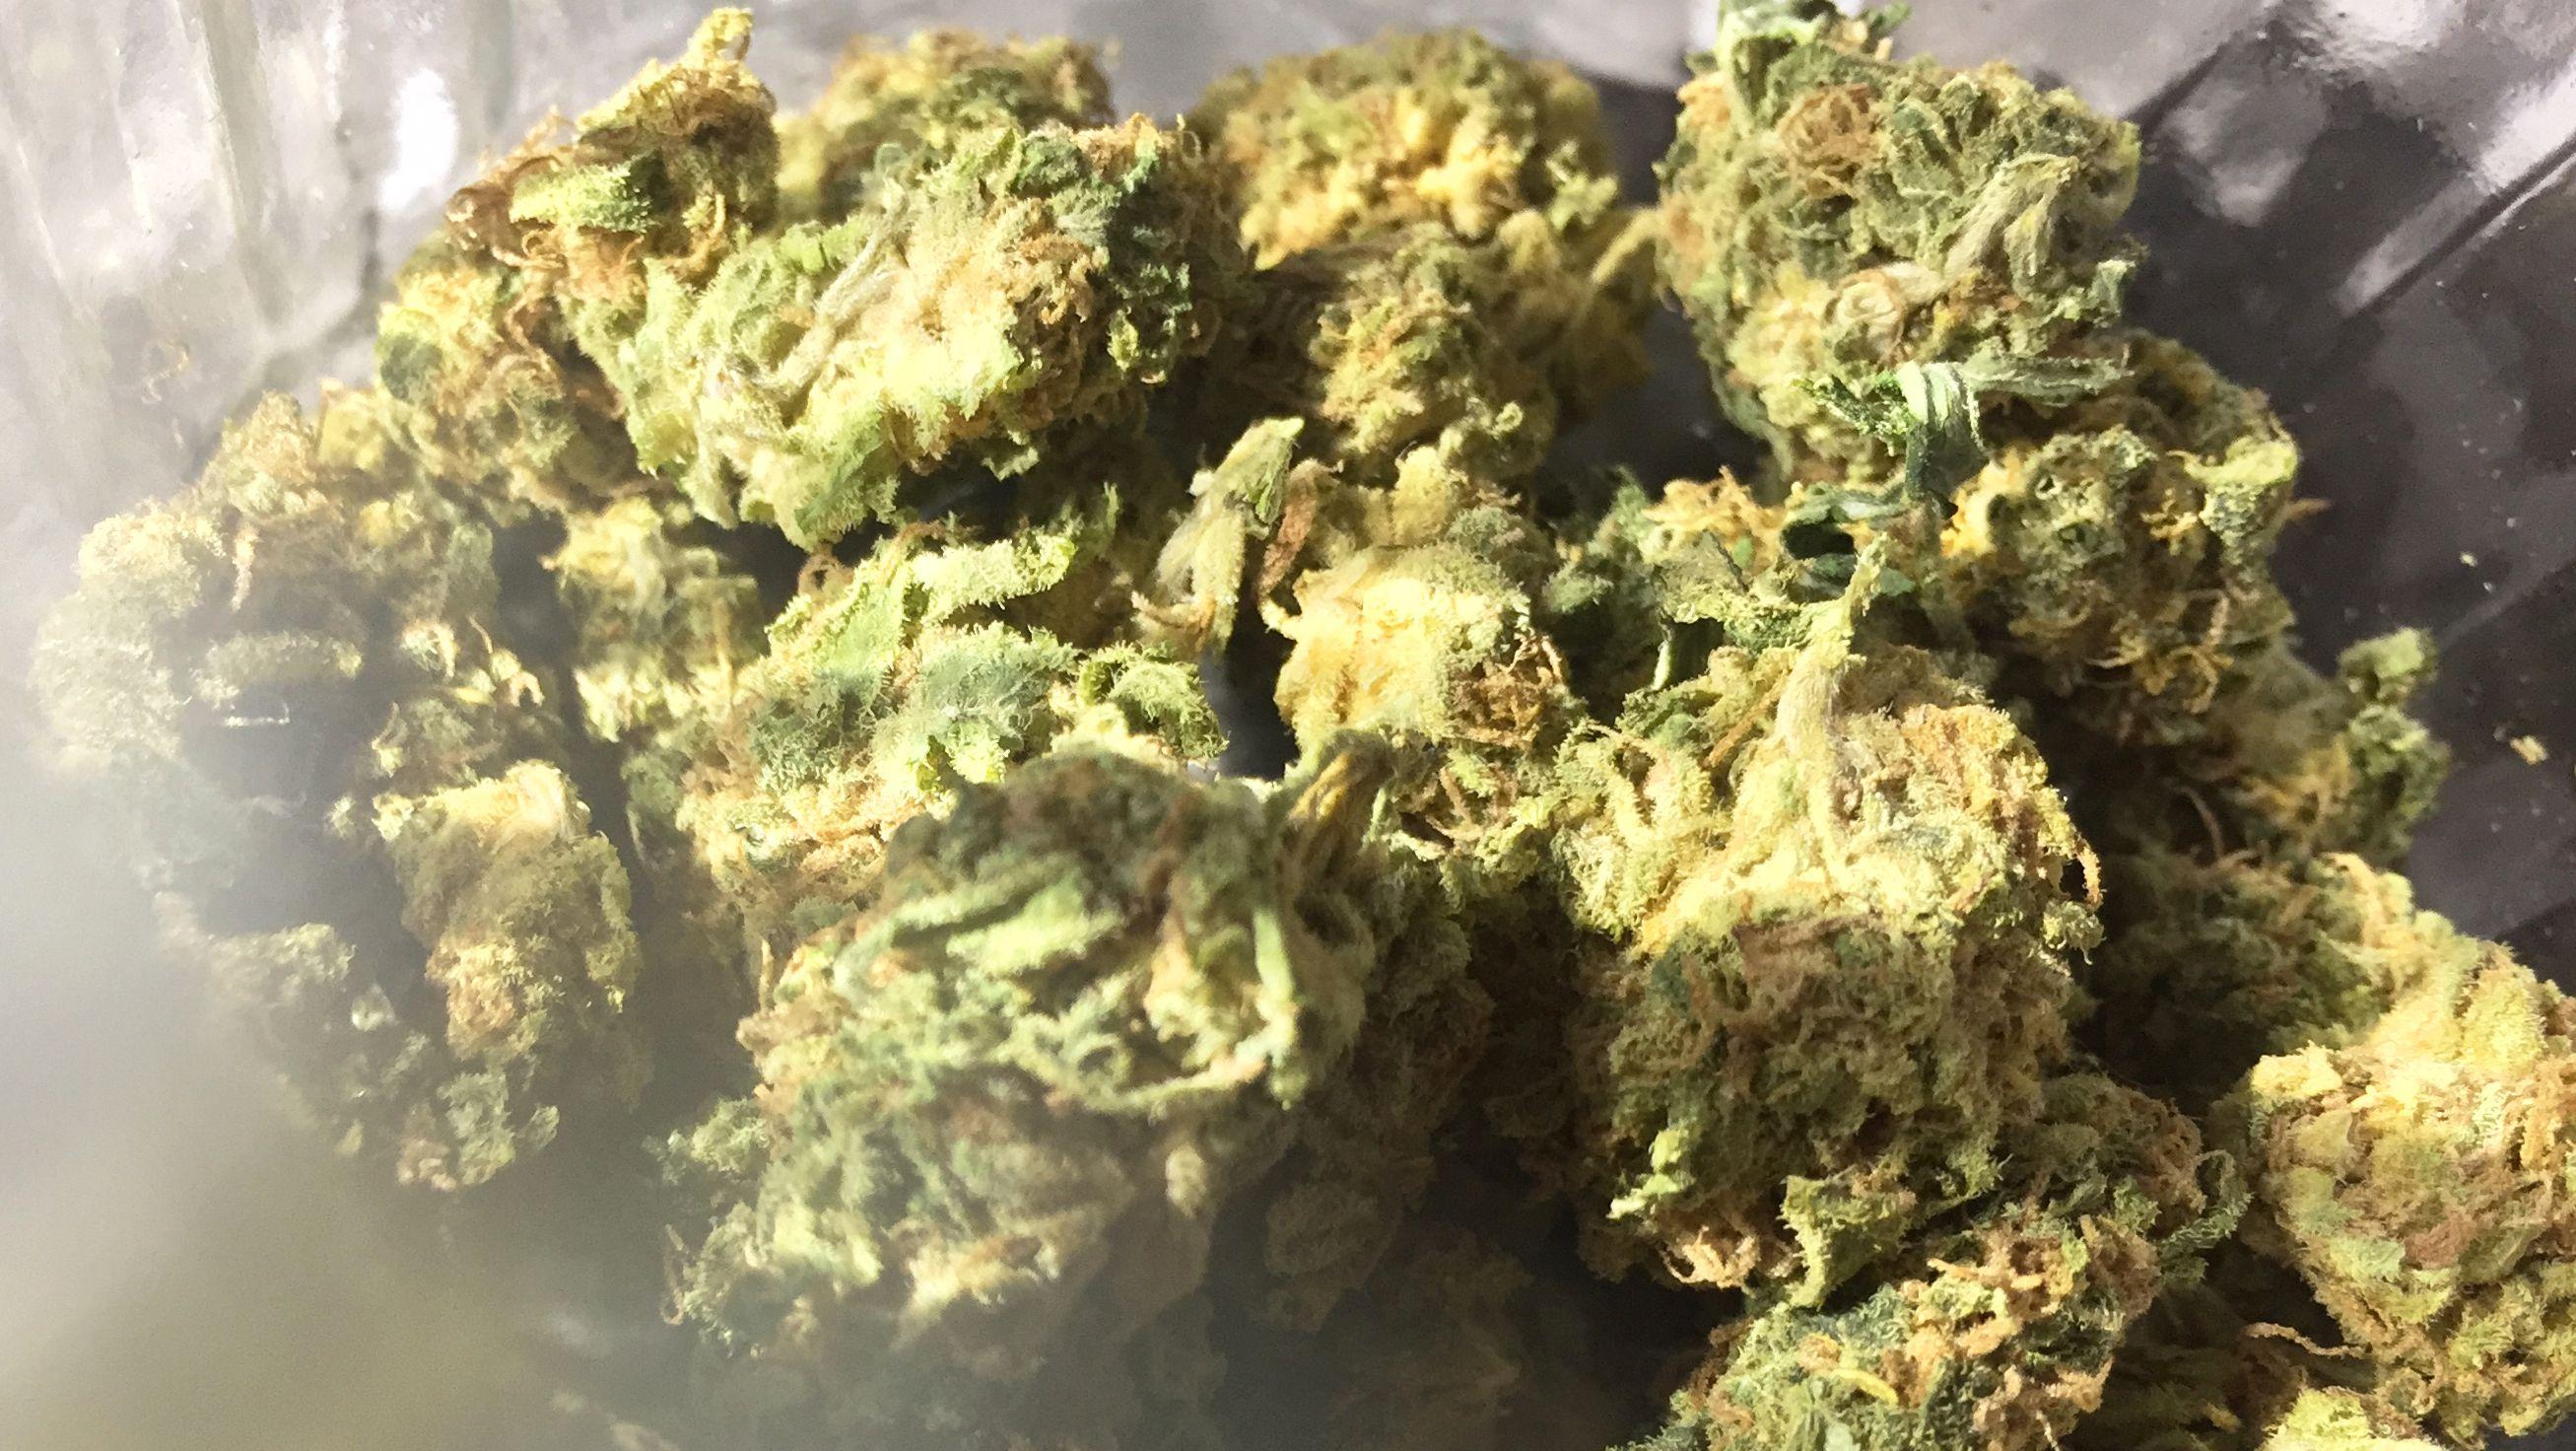 Cannabisblüten liegen in einem Glas. (Symbolbild)